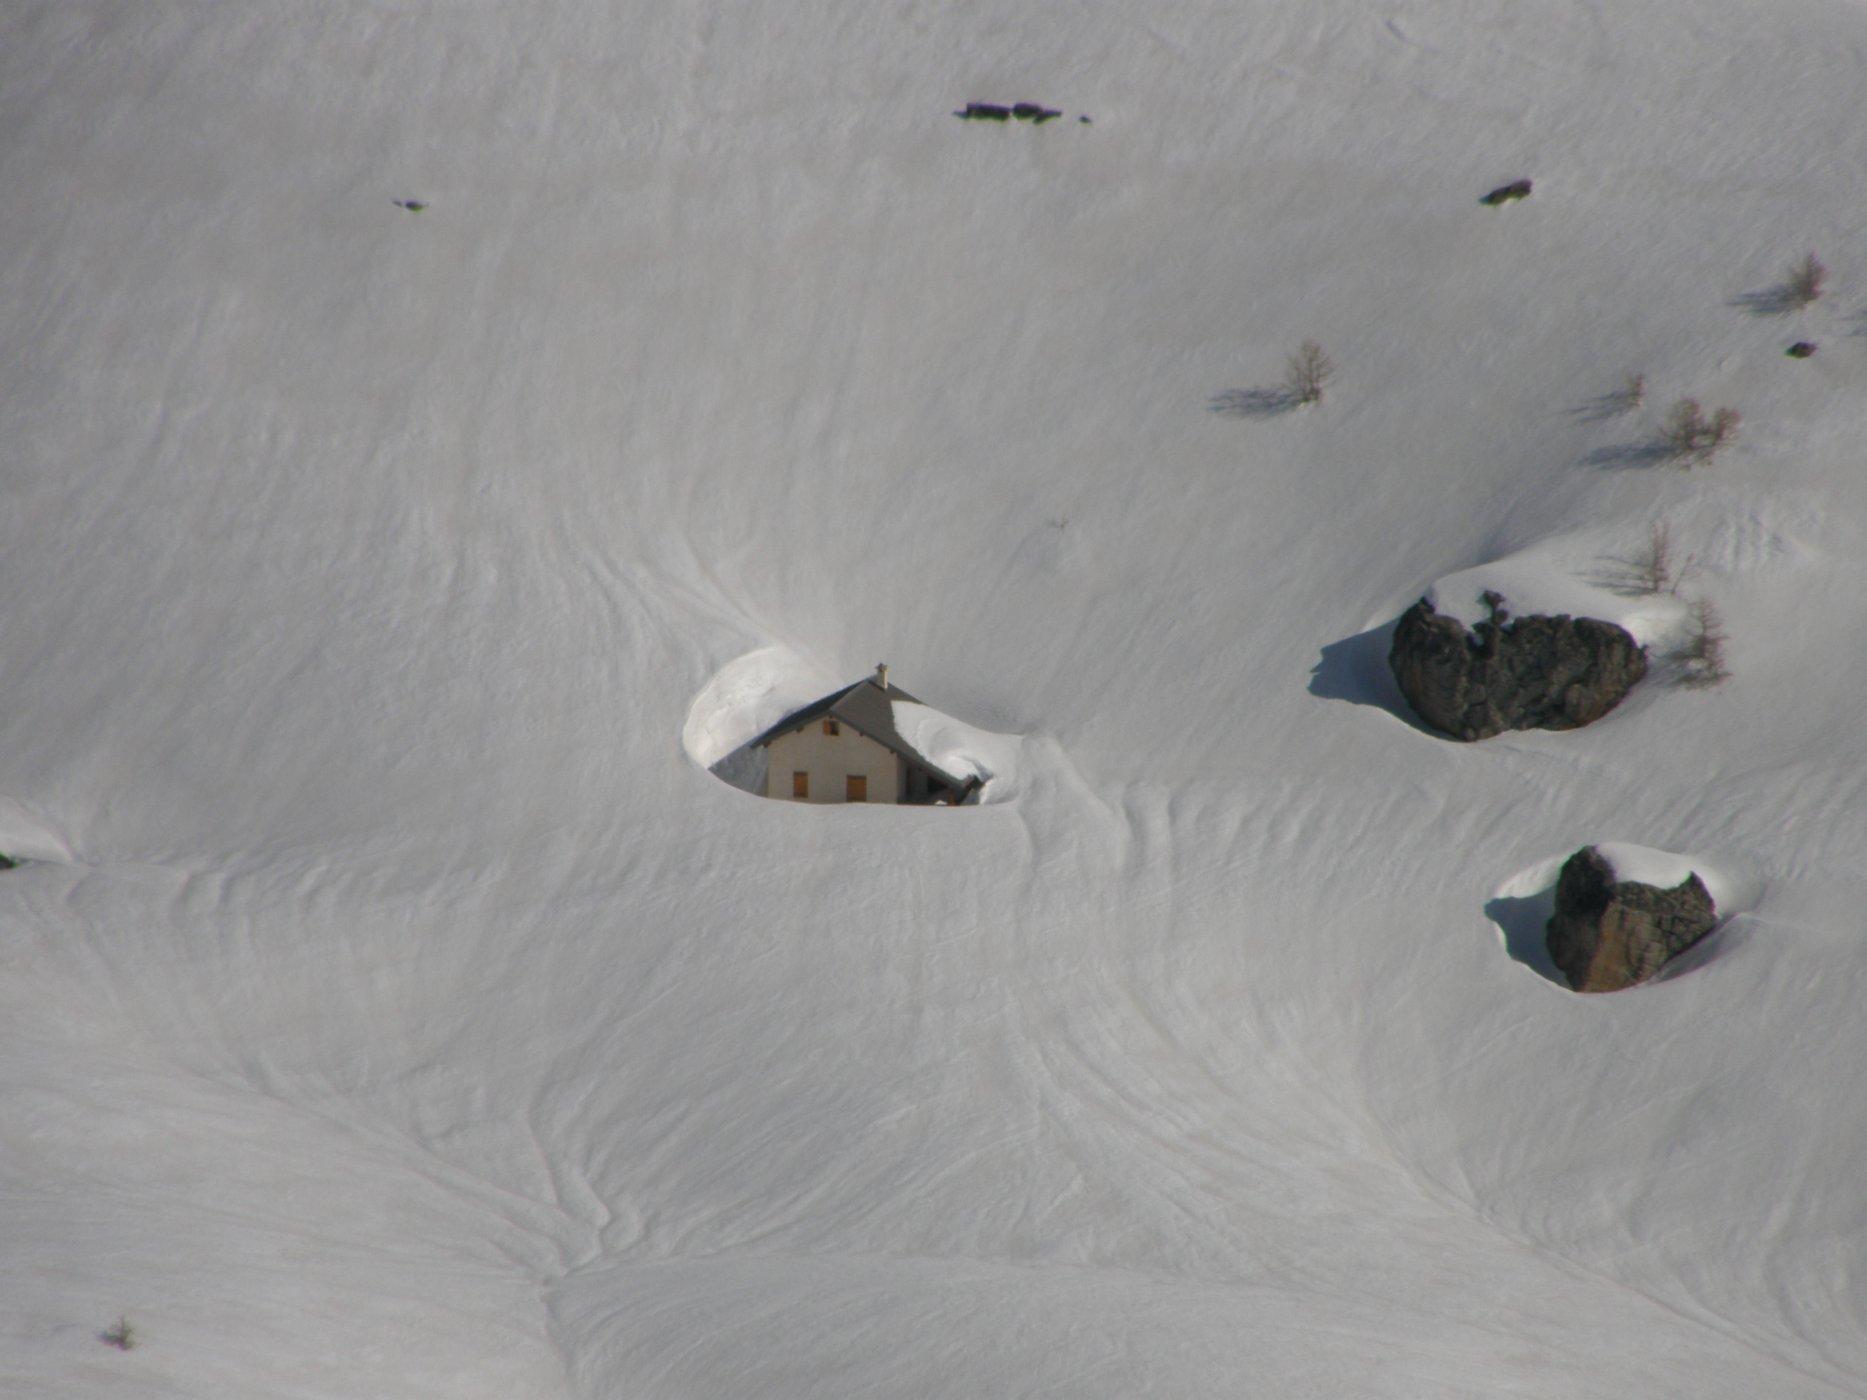 La cabane de l'Alp l'hiver.